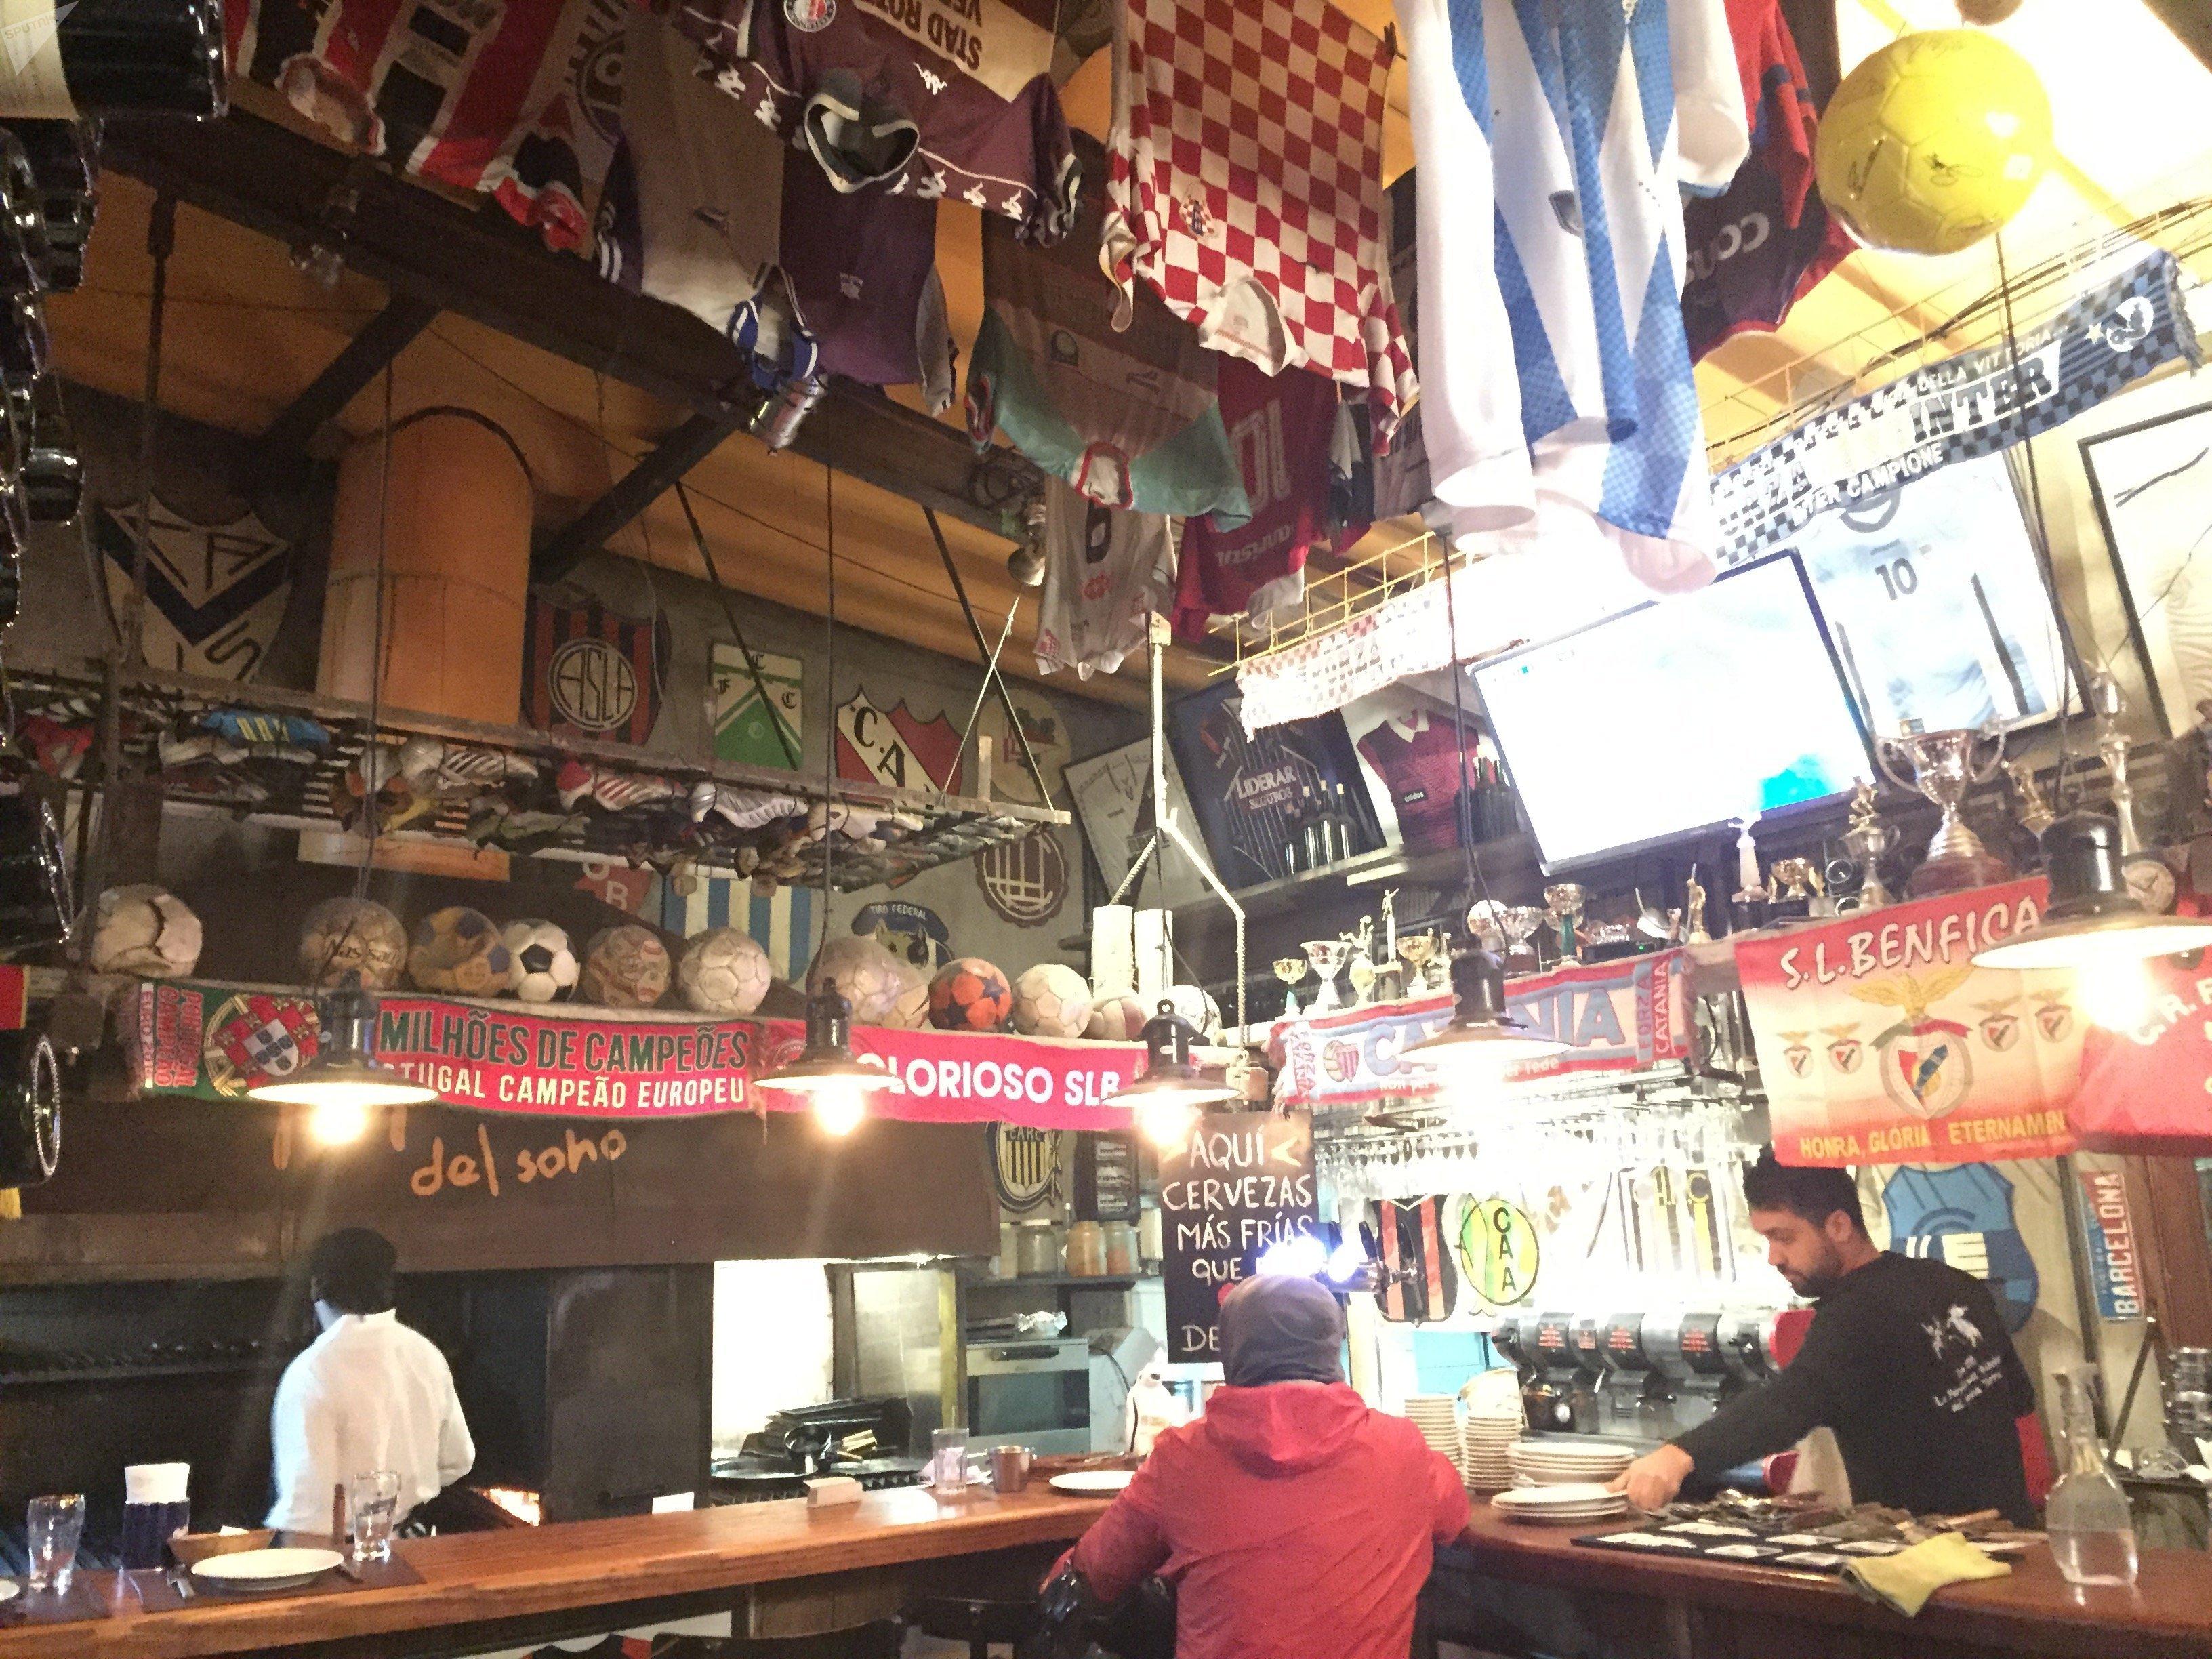 Restaurante futbolero La Popular, Argentina